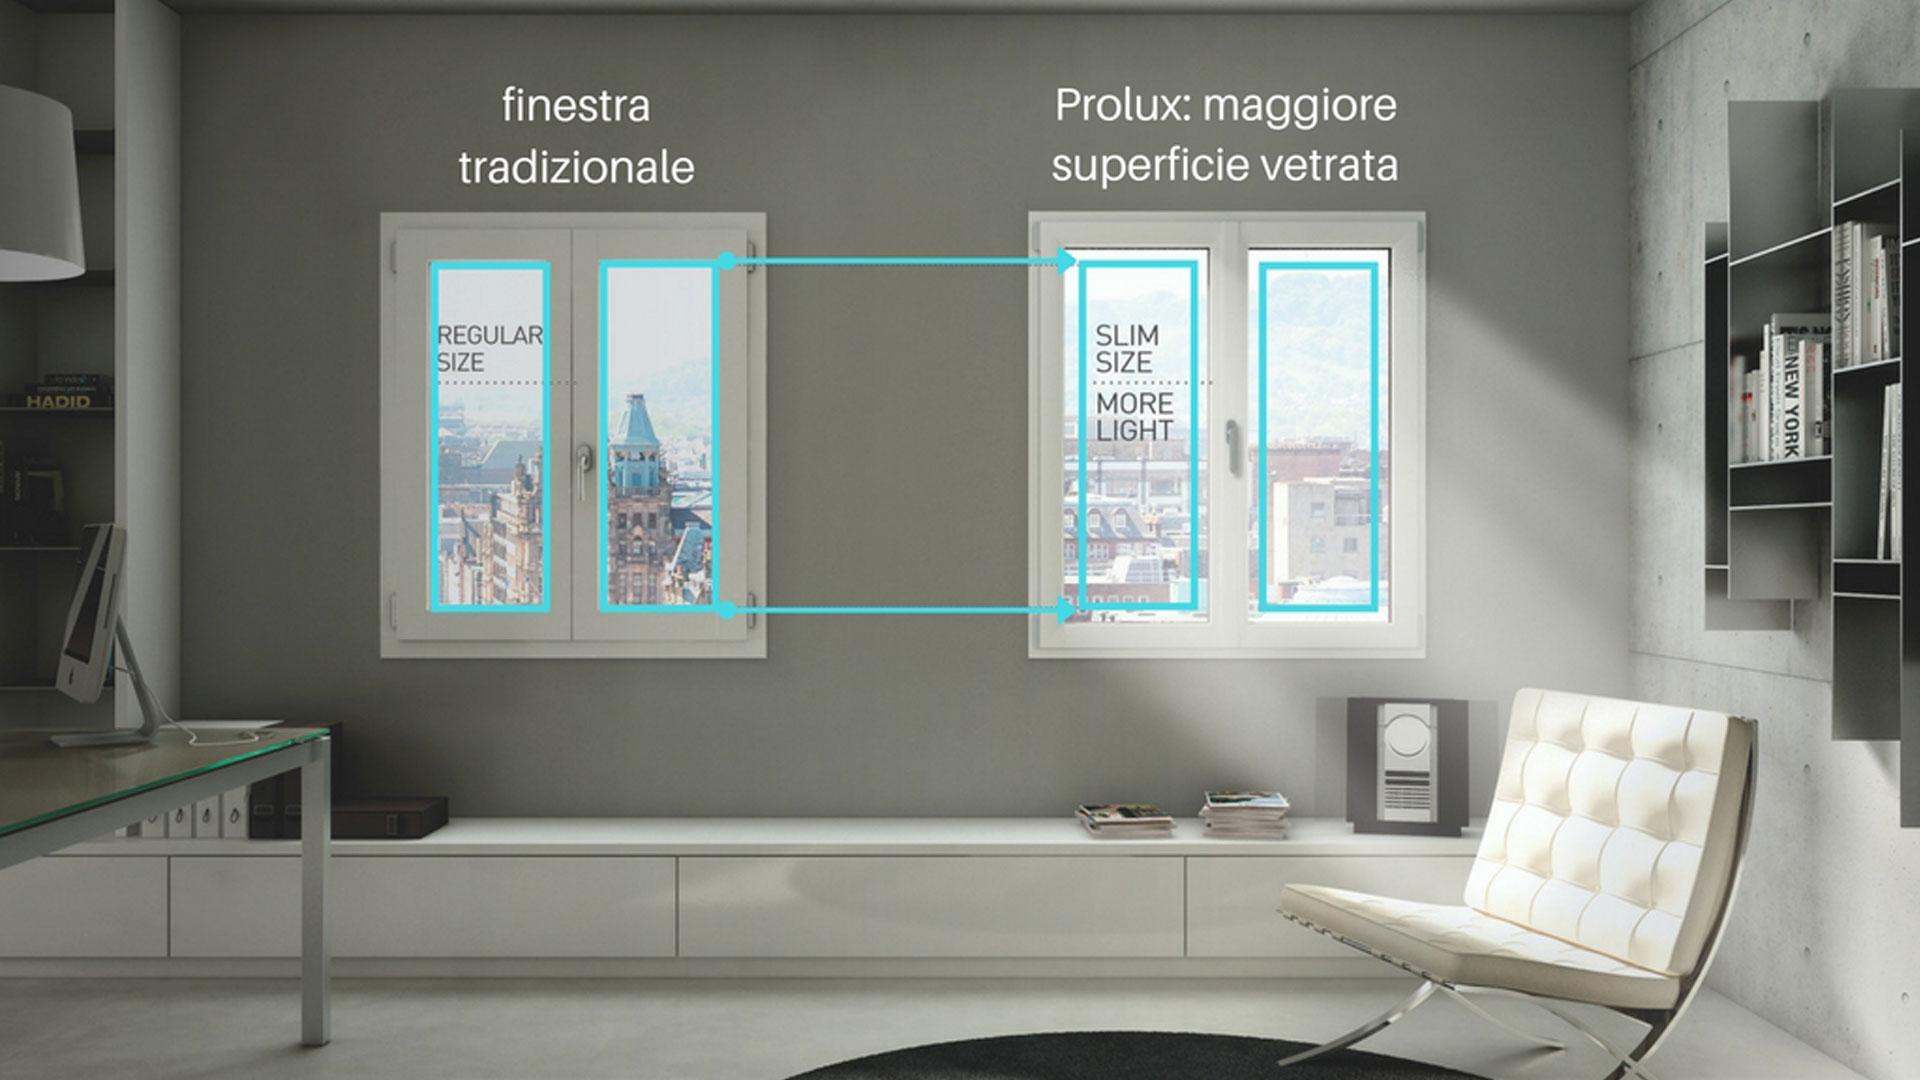 maggiore luce in casa con Prolux